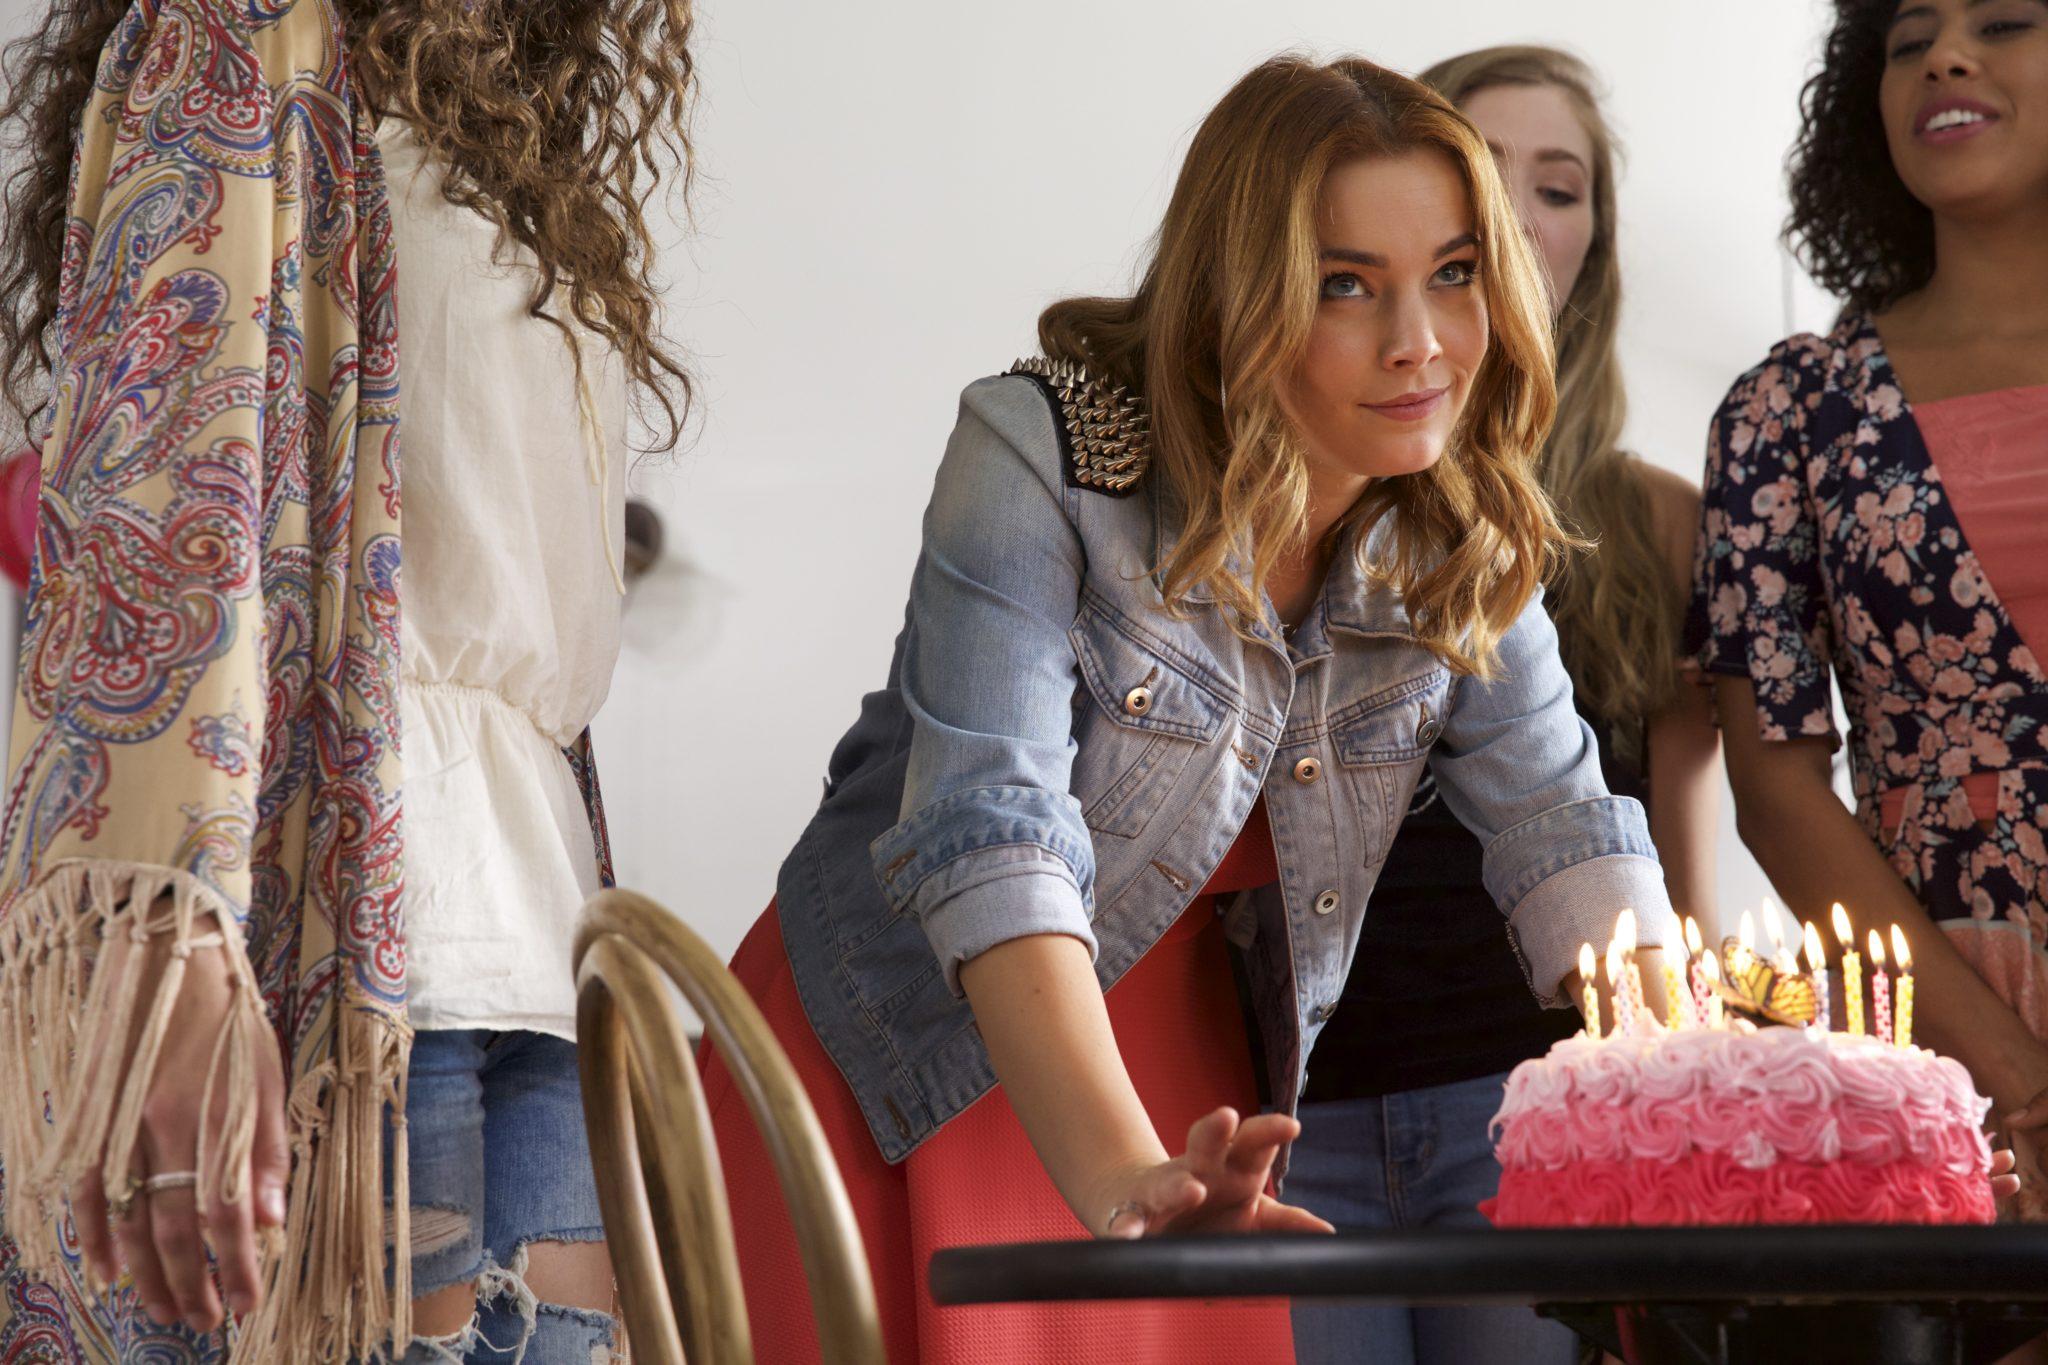 Valentina Novakovic ist als grinsende Psychopathin Chloe inmitten ahnungsloser Schüler bei ihrer Geburtstagsfeier in DANGEROUS GIRL zu sehen.